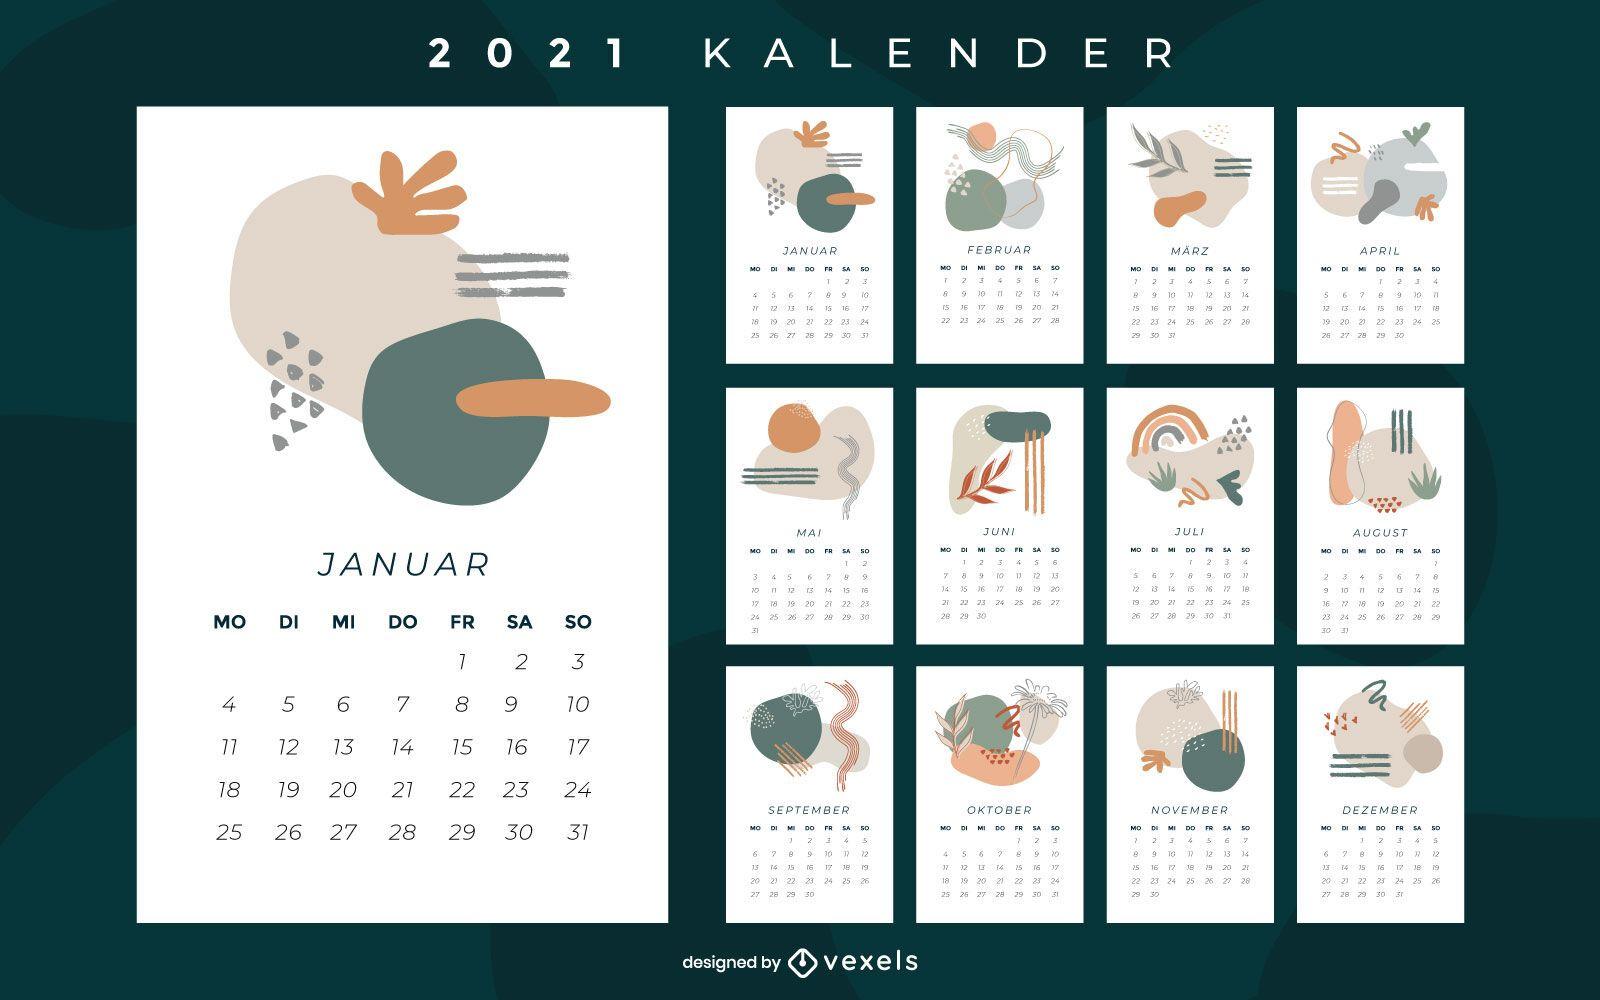 Diseño abstracto del calendario alemán 2021